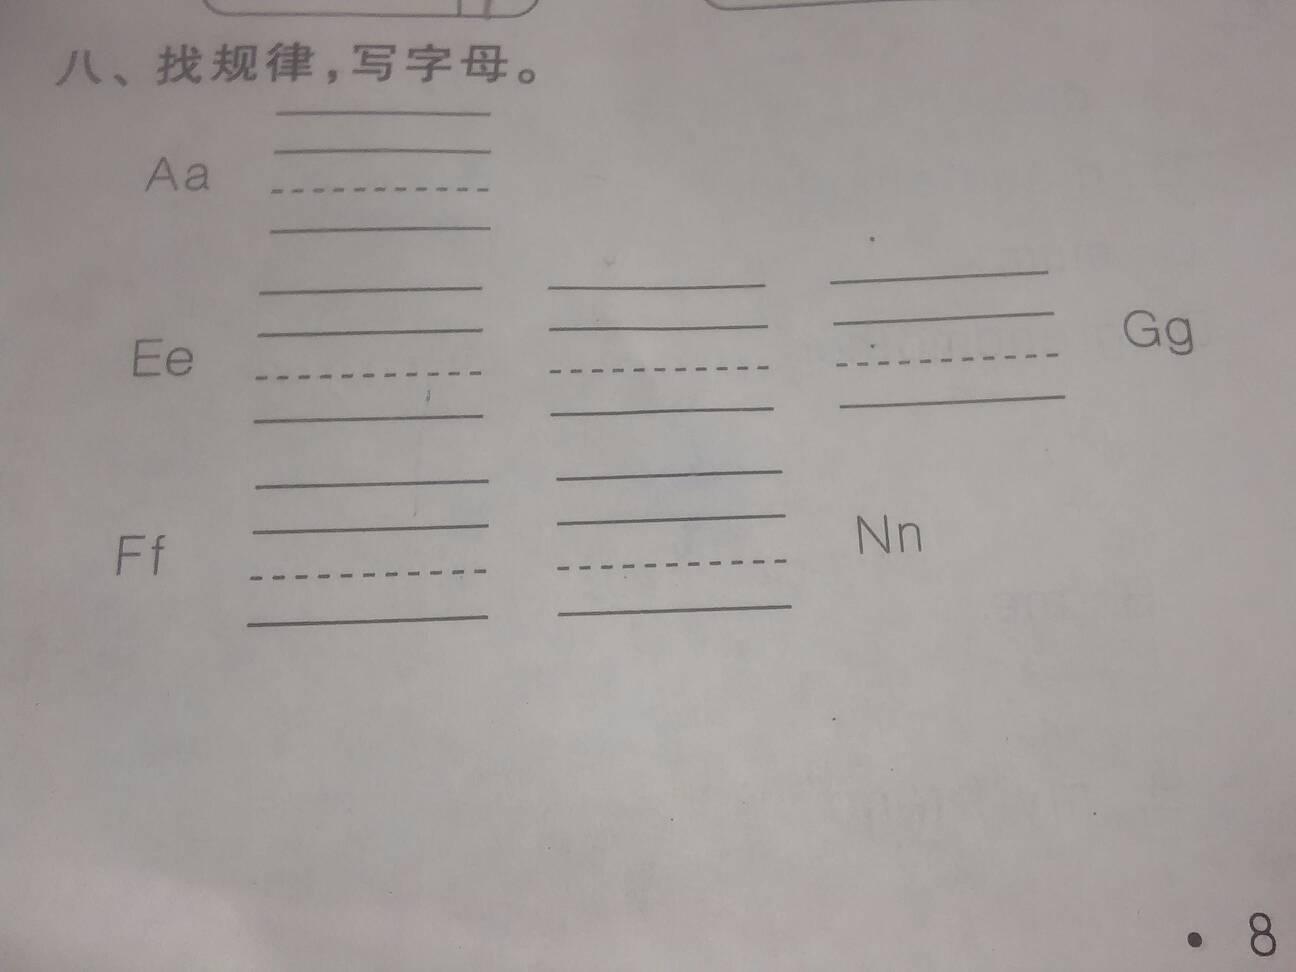 小学三年级英语作业图片 高清图片